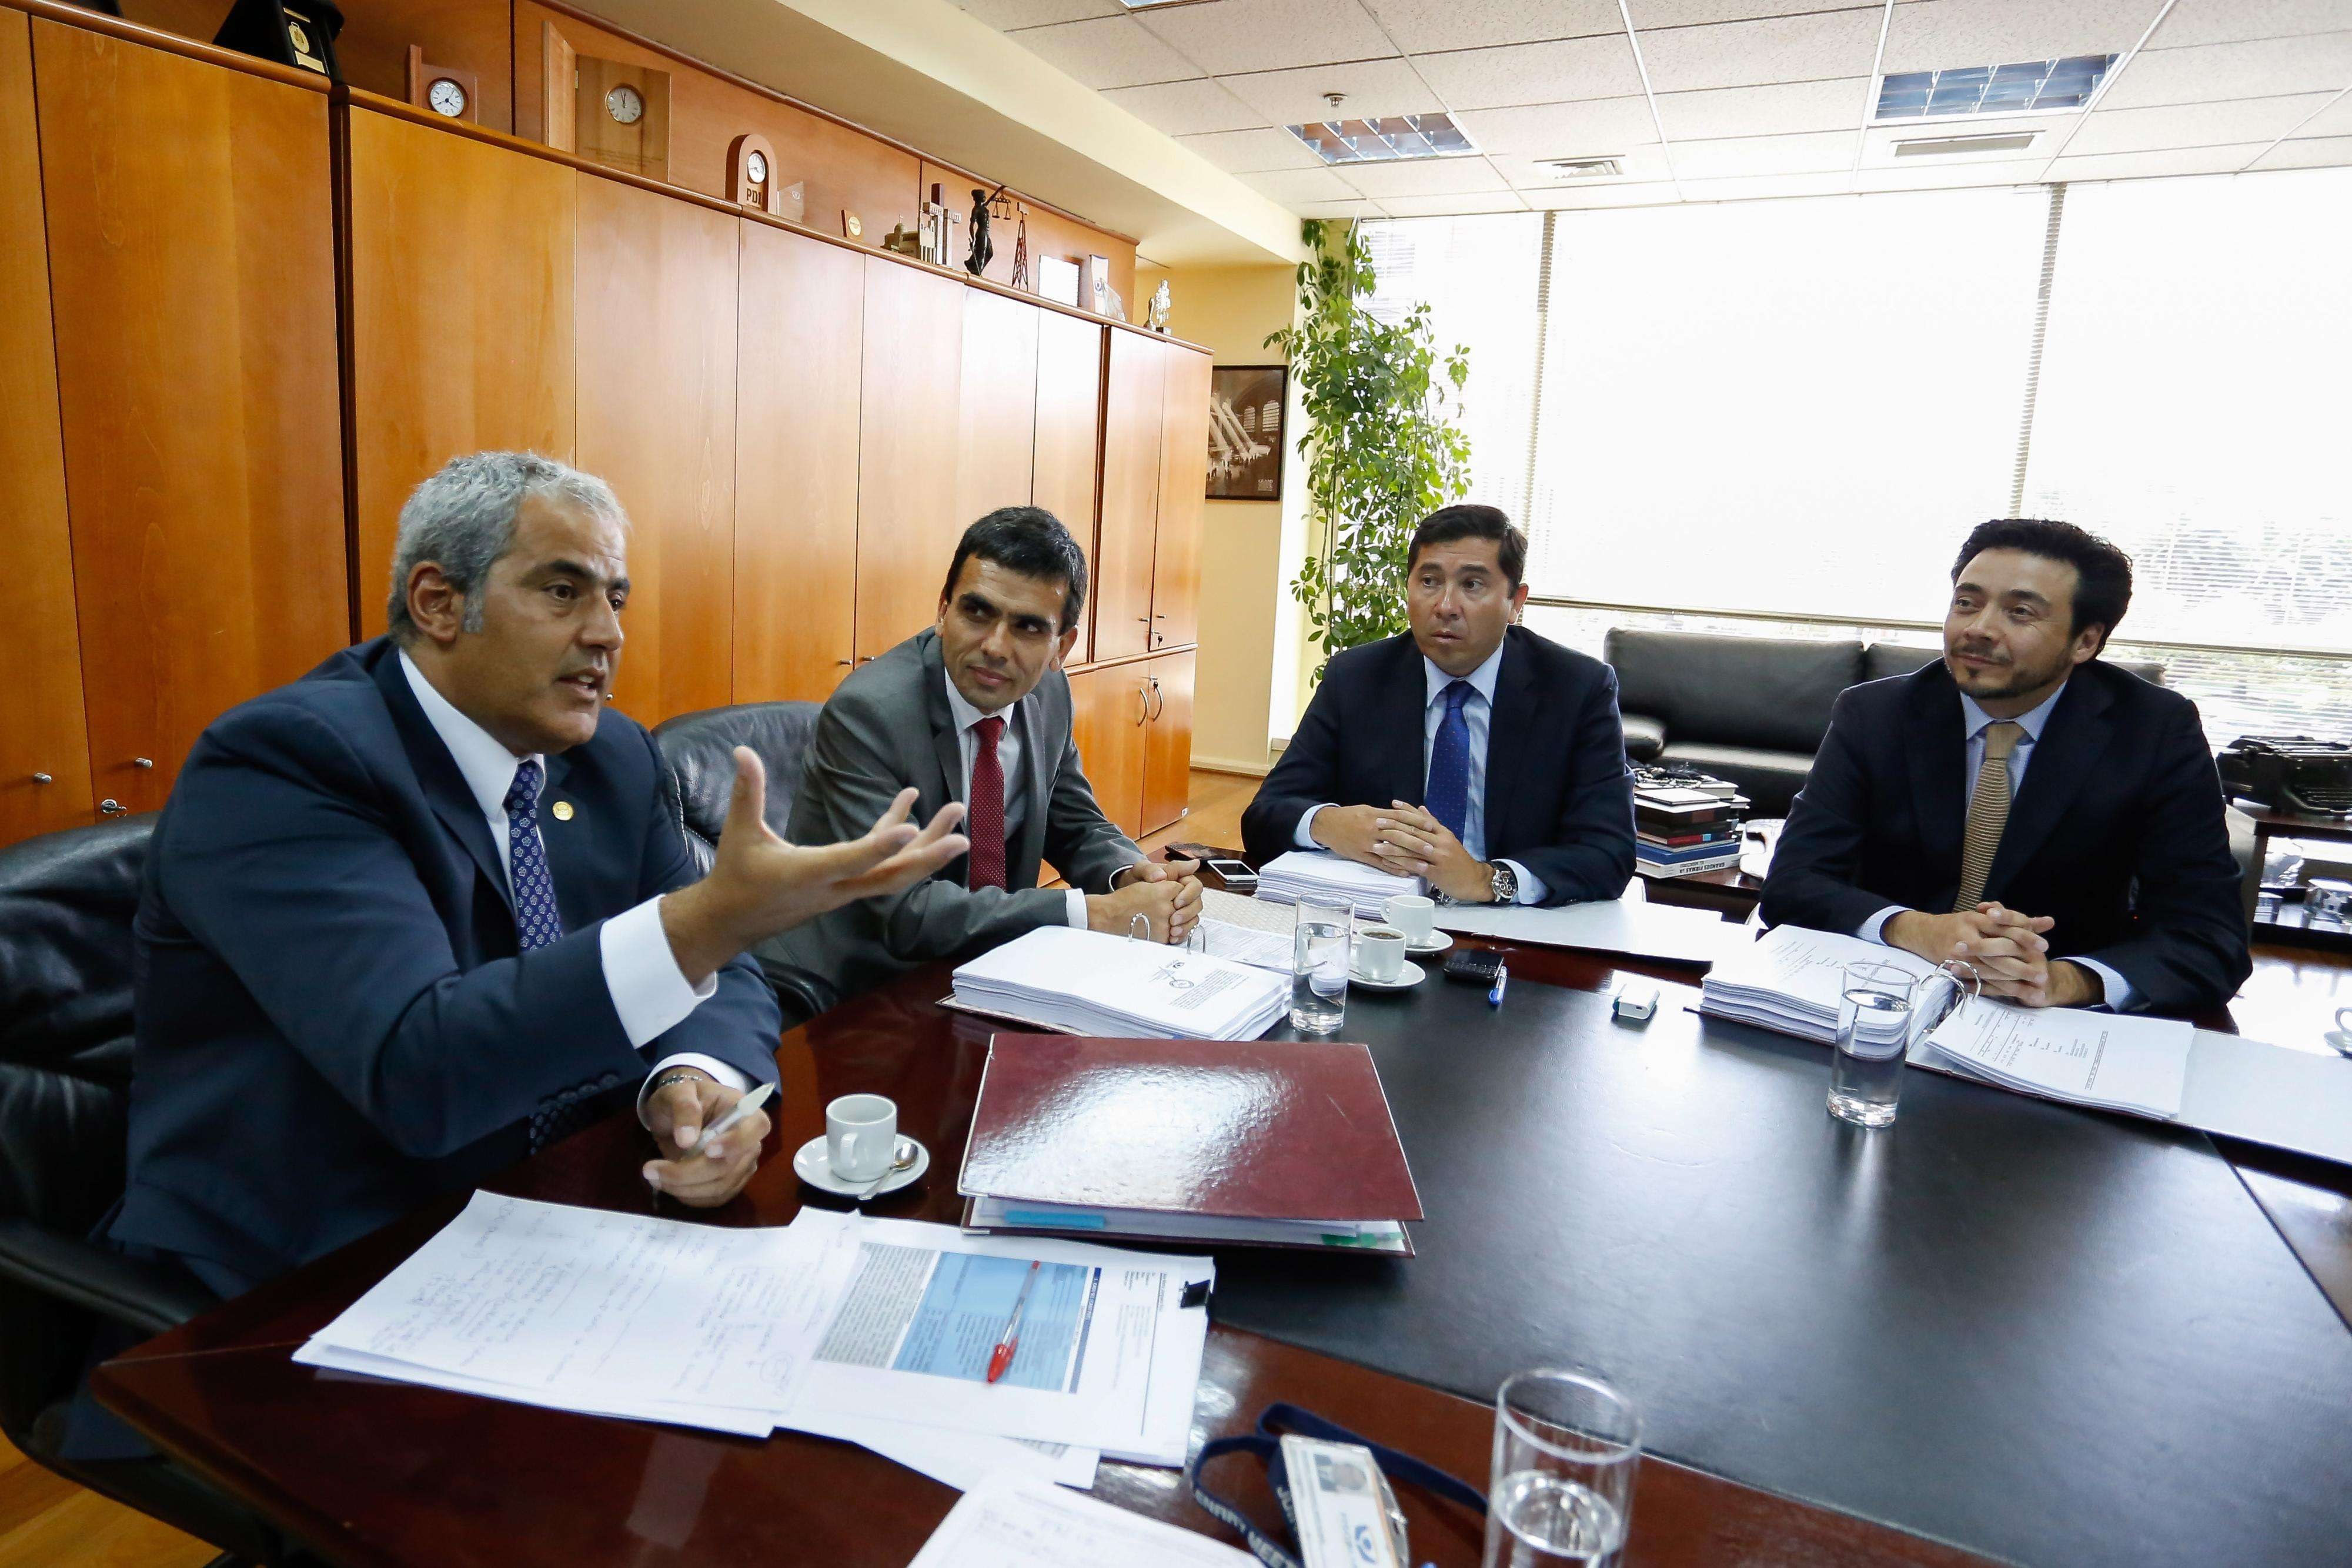 El Fiscal Nacional Sabas Chahuán(I), se reunió con los fiscales Carlos Gajardo(ci), Pablo Norabuena(cd) y Emiliano Arias(d) para coordinar la investigación del llamado caso Penta. 5 de Febrero de 2015 / Santiago Foto: Agencia UNO